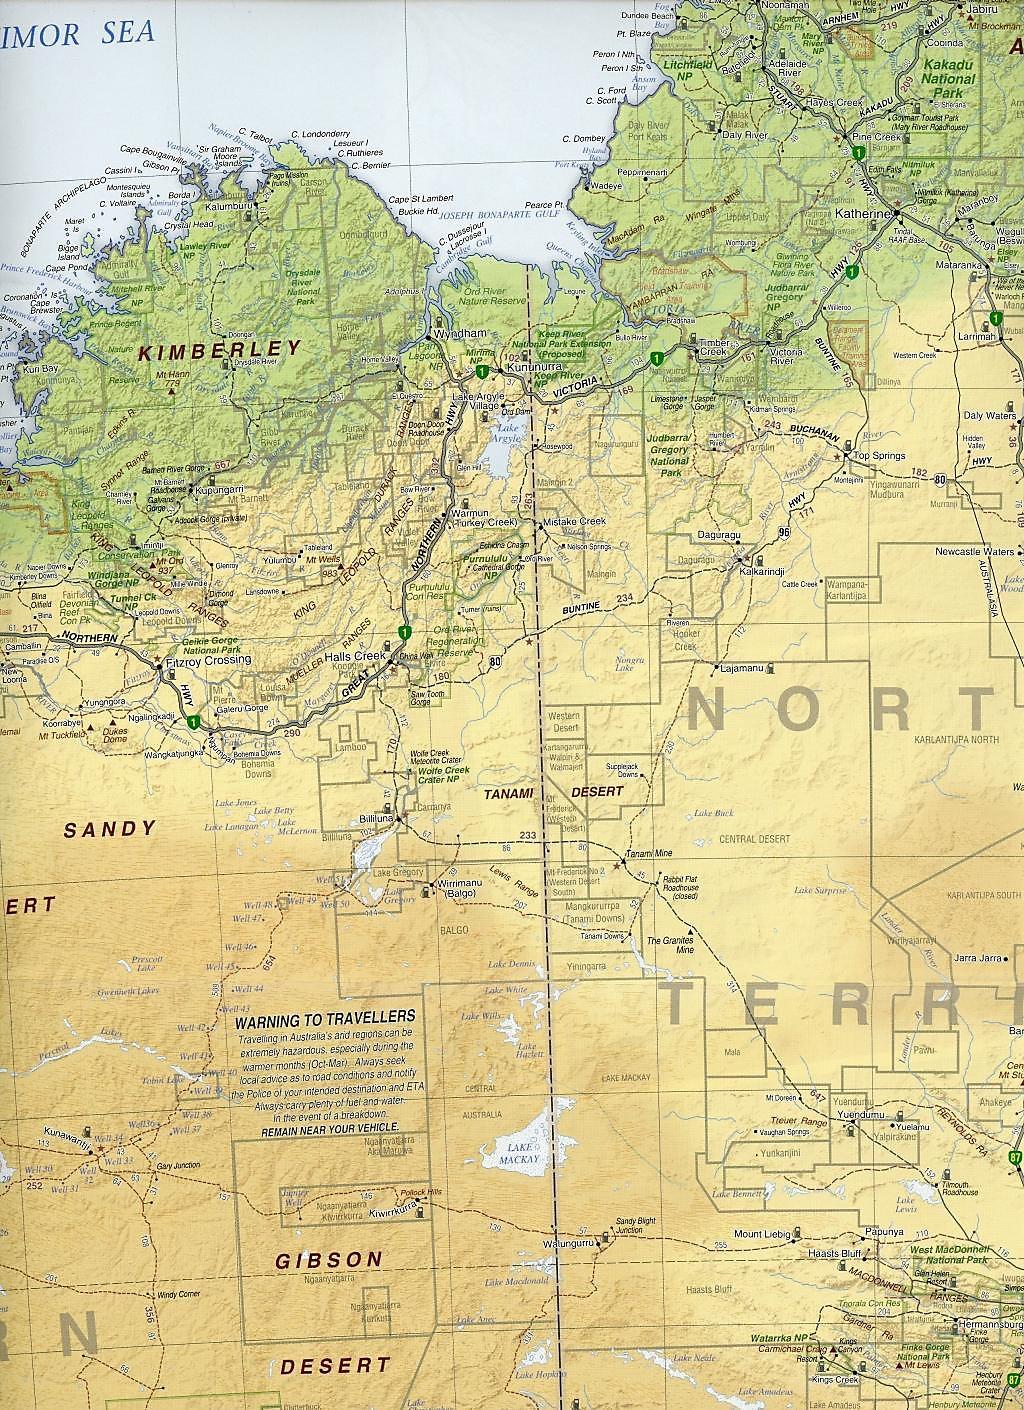 Australia Road & Terrain Map 1 : 5 000 000 Buch - Weltbild.de